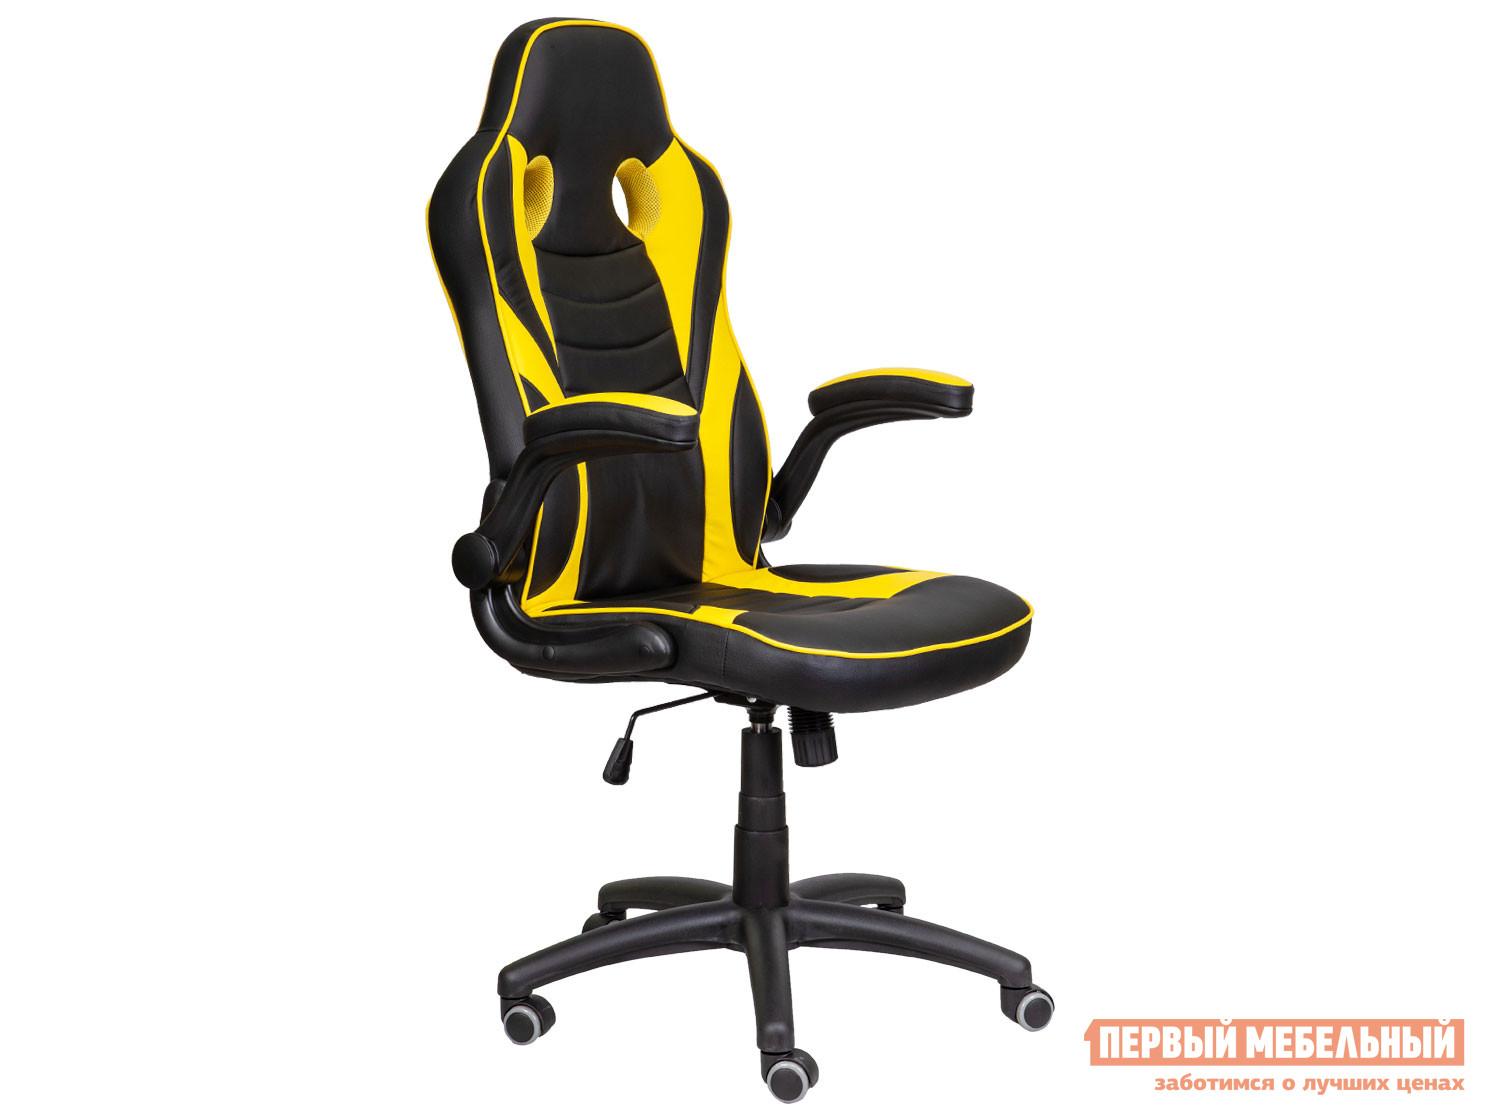 Игровое кресло  Игровое кресло JORDAN Черный / Желтый, экокожа — Игровое кресло JORDAN Черный / Желтый, экокожа